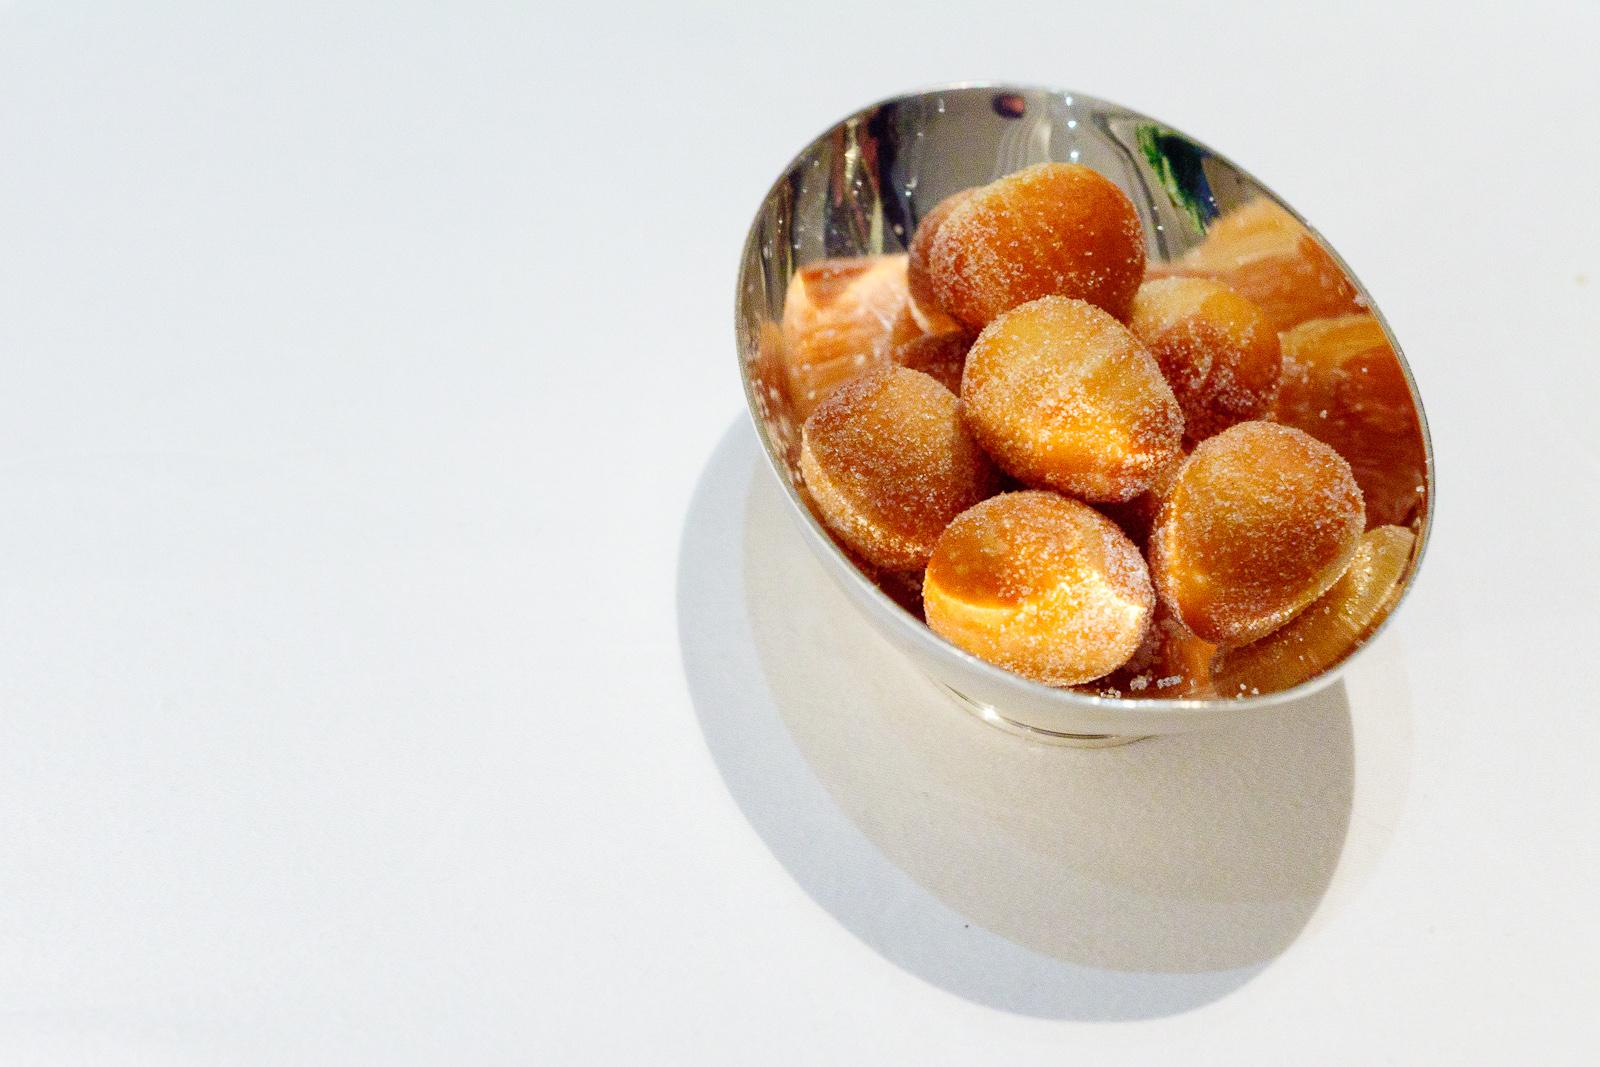 Warm beignets